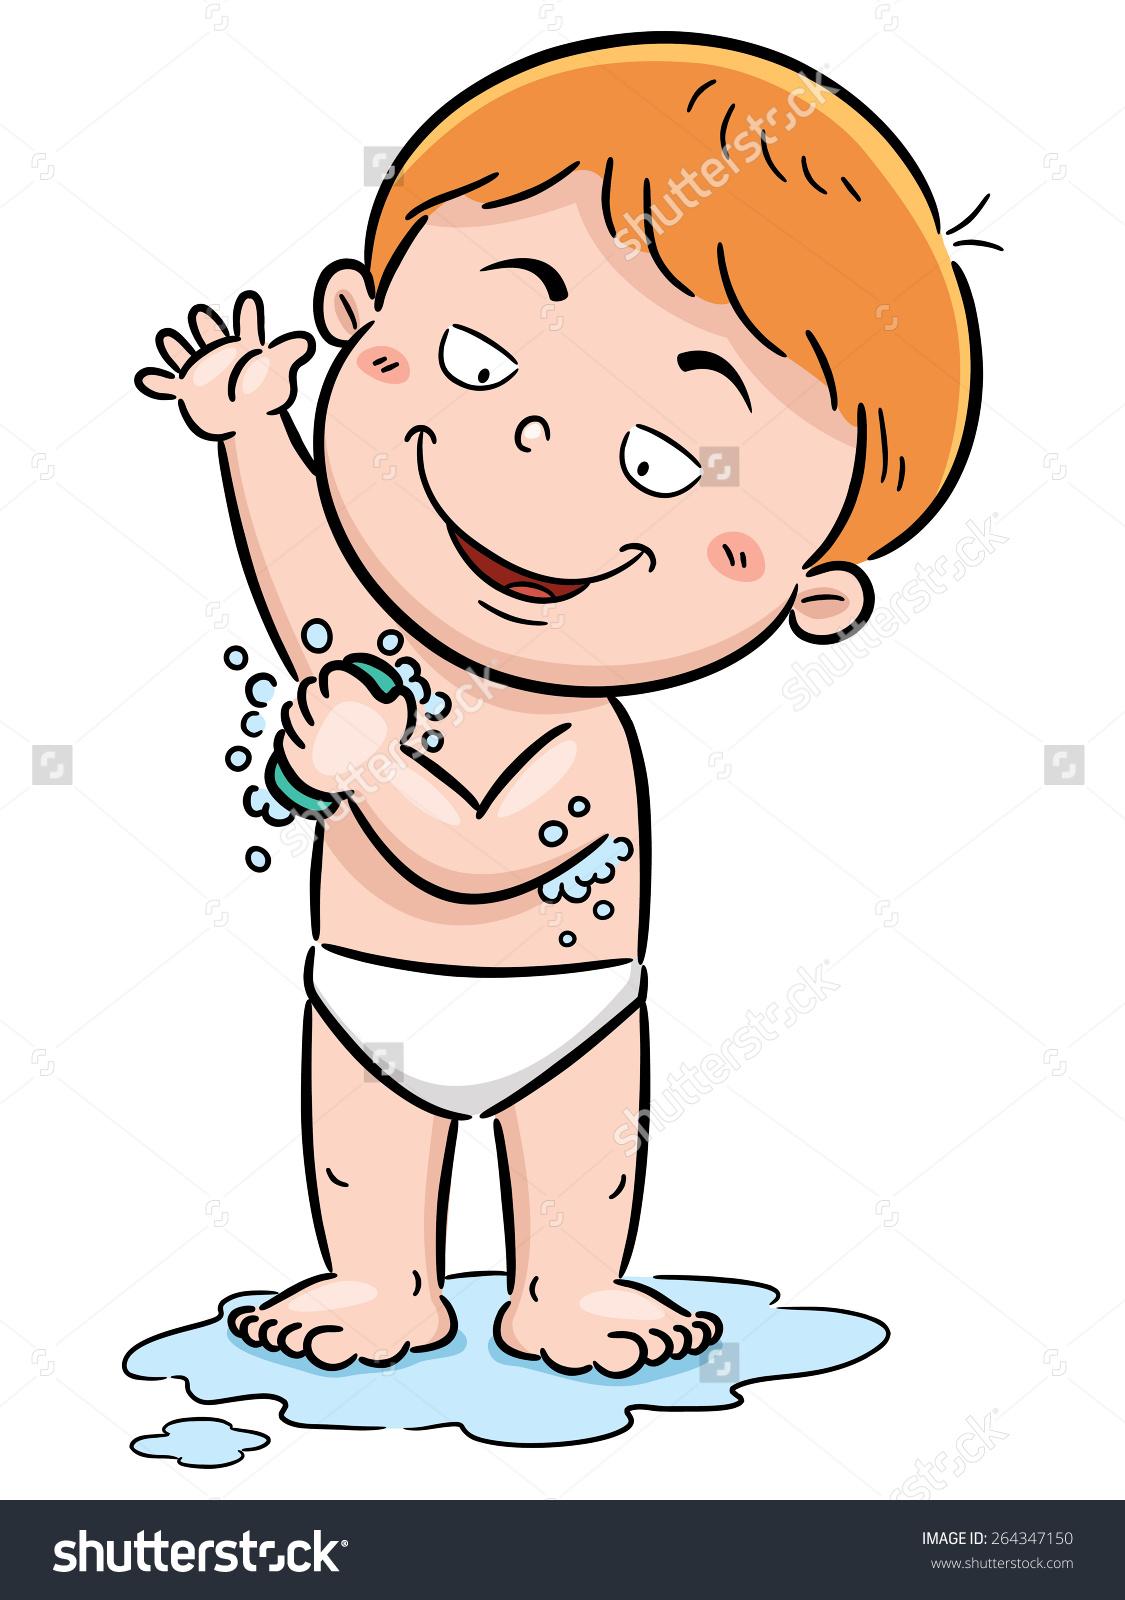 Boy bathing clipart.